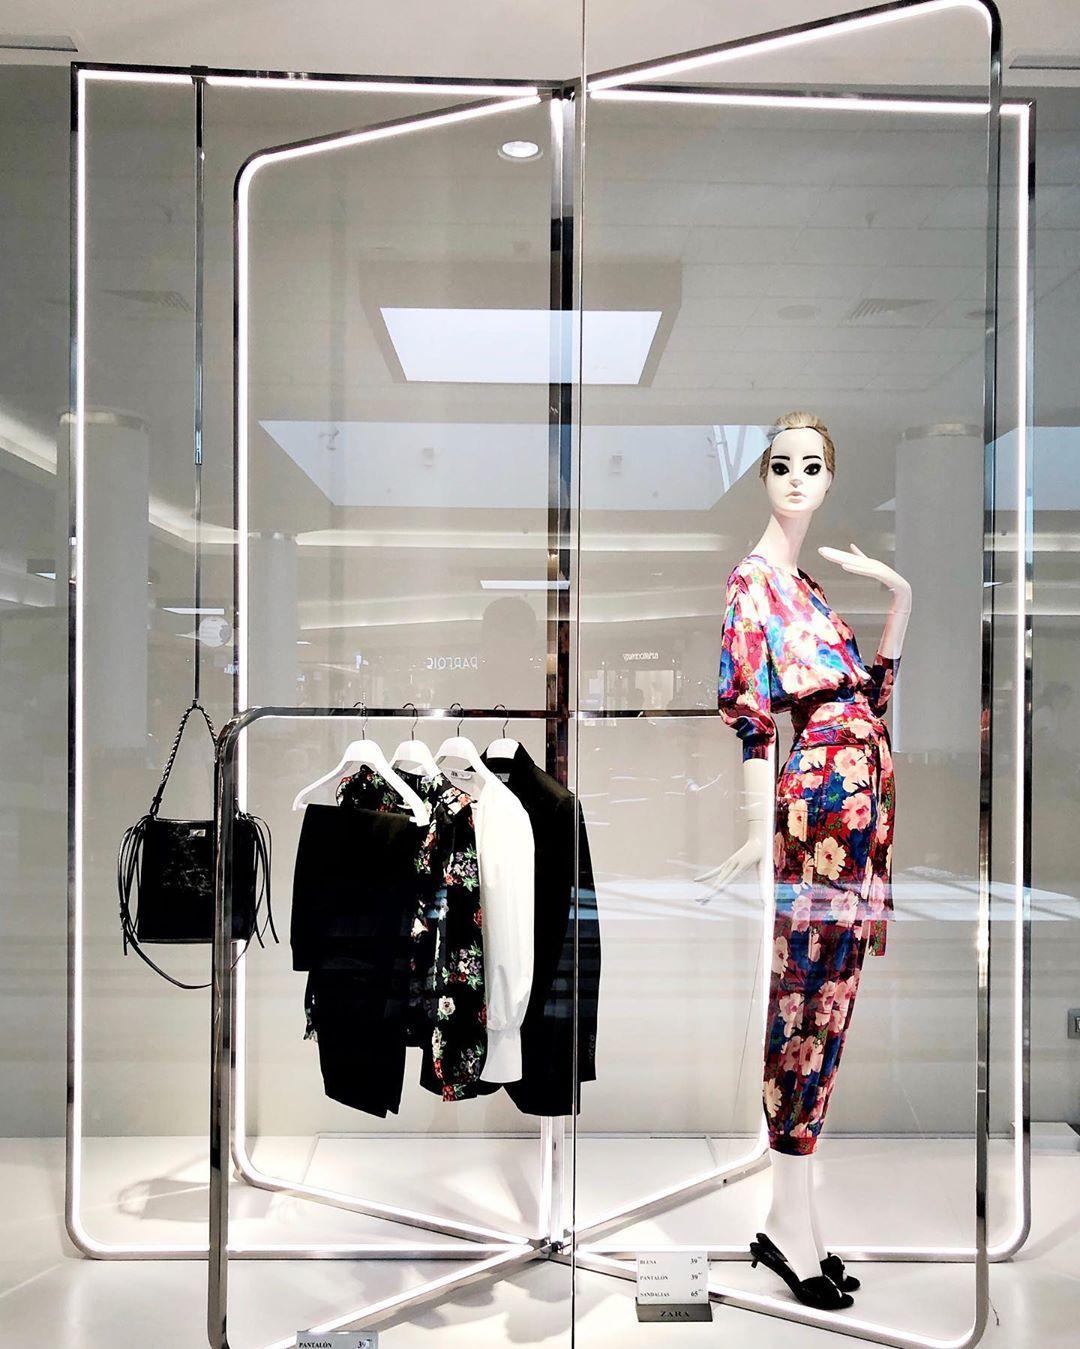 Zara Centro Comercial Centro Oeste Shopping Mall Calle De Las